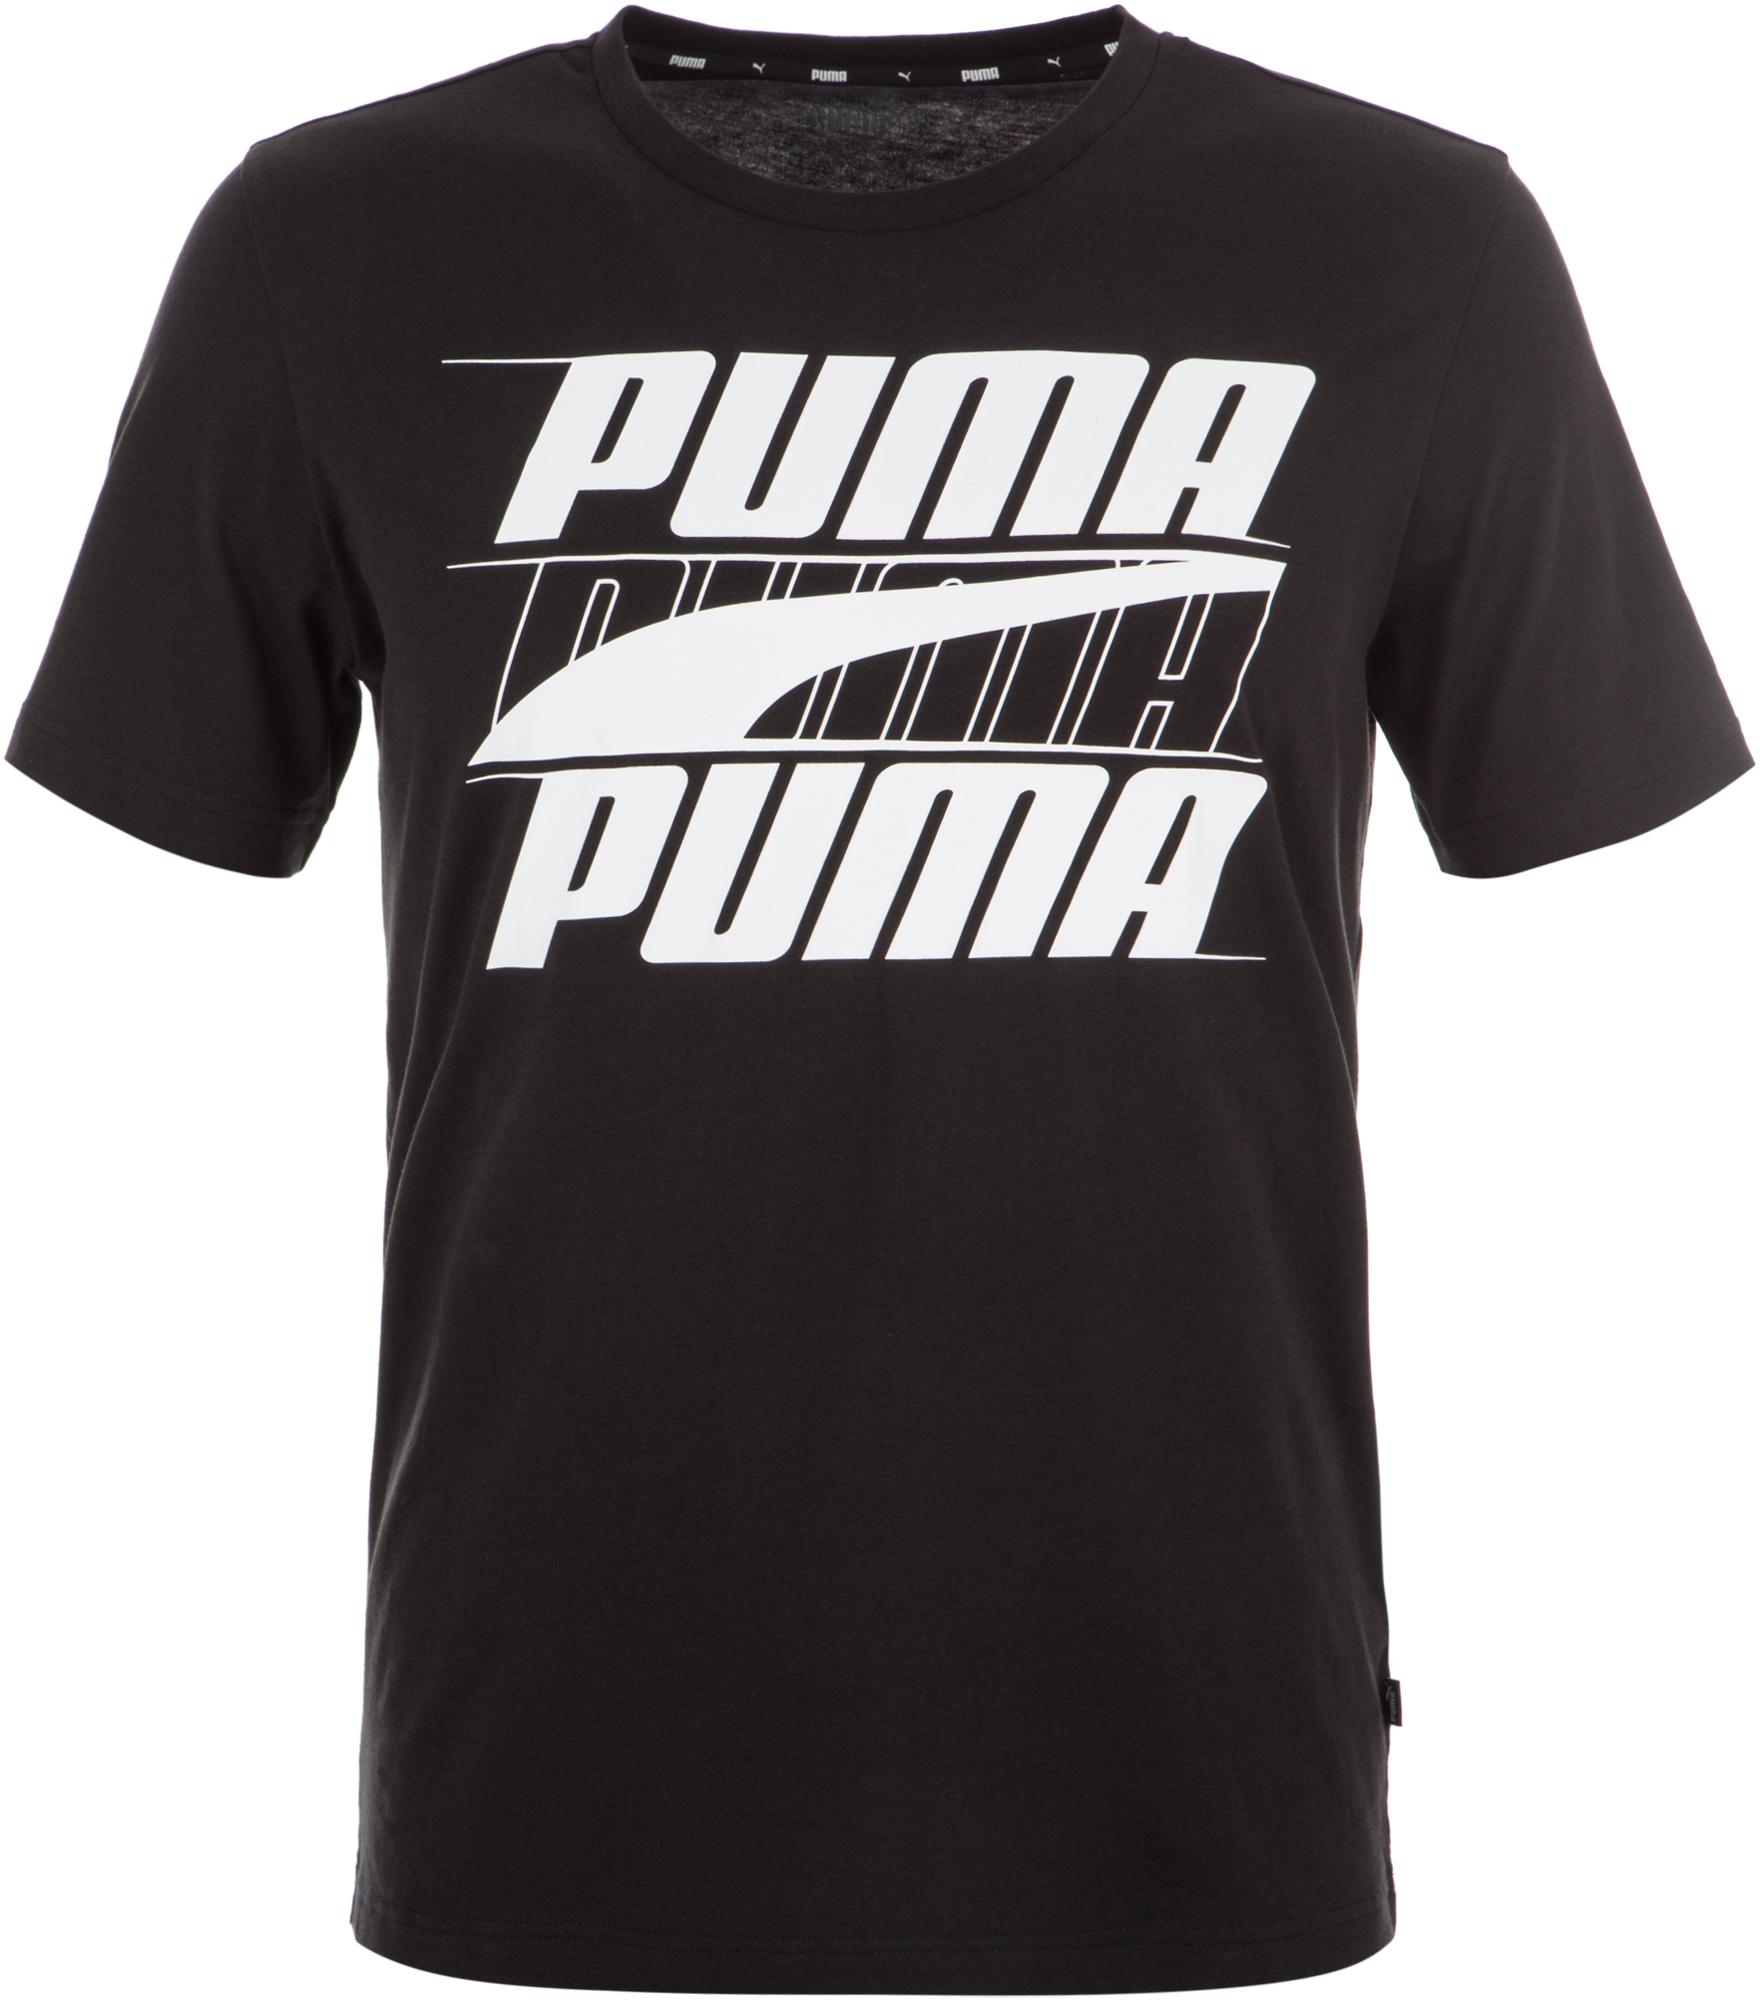 Puma Футболка мужская Puma Rebel, размер 52-54